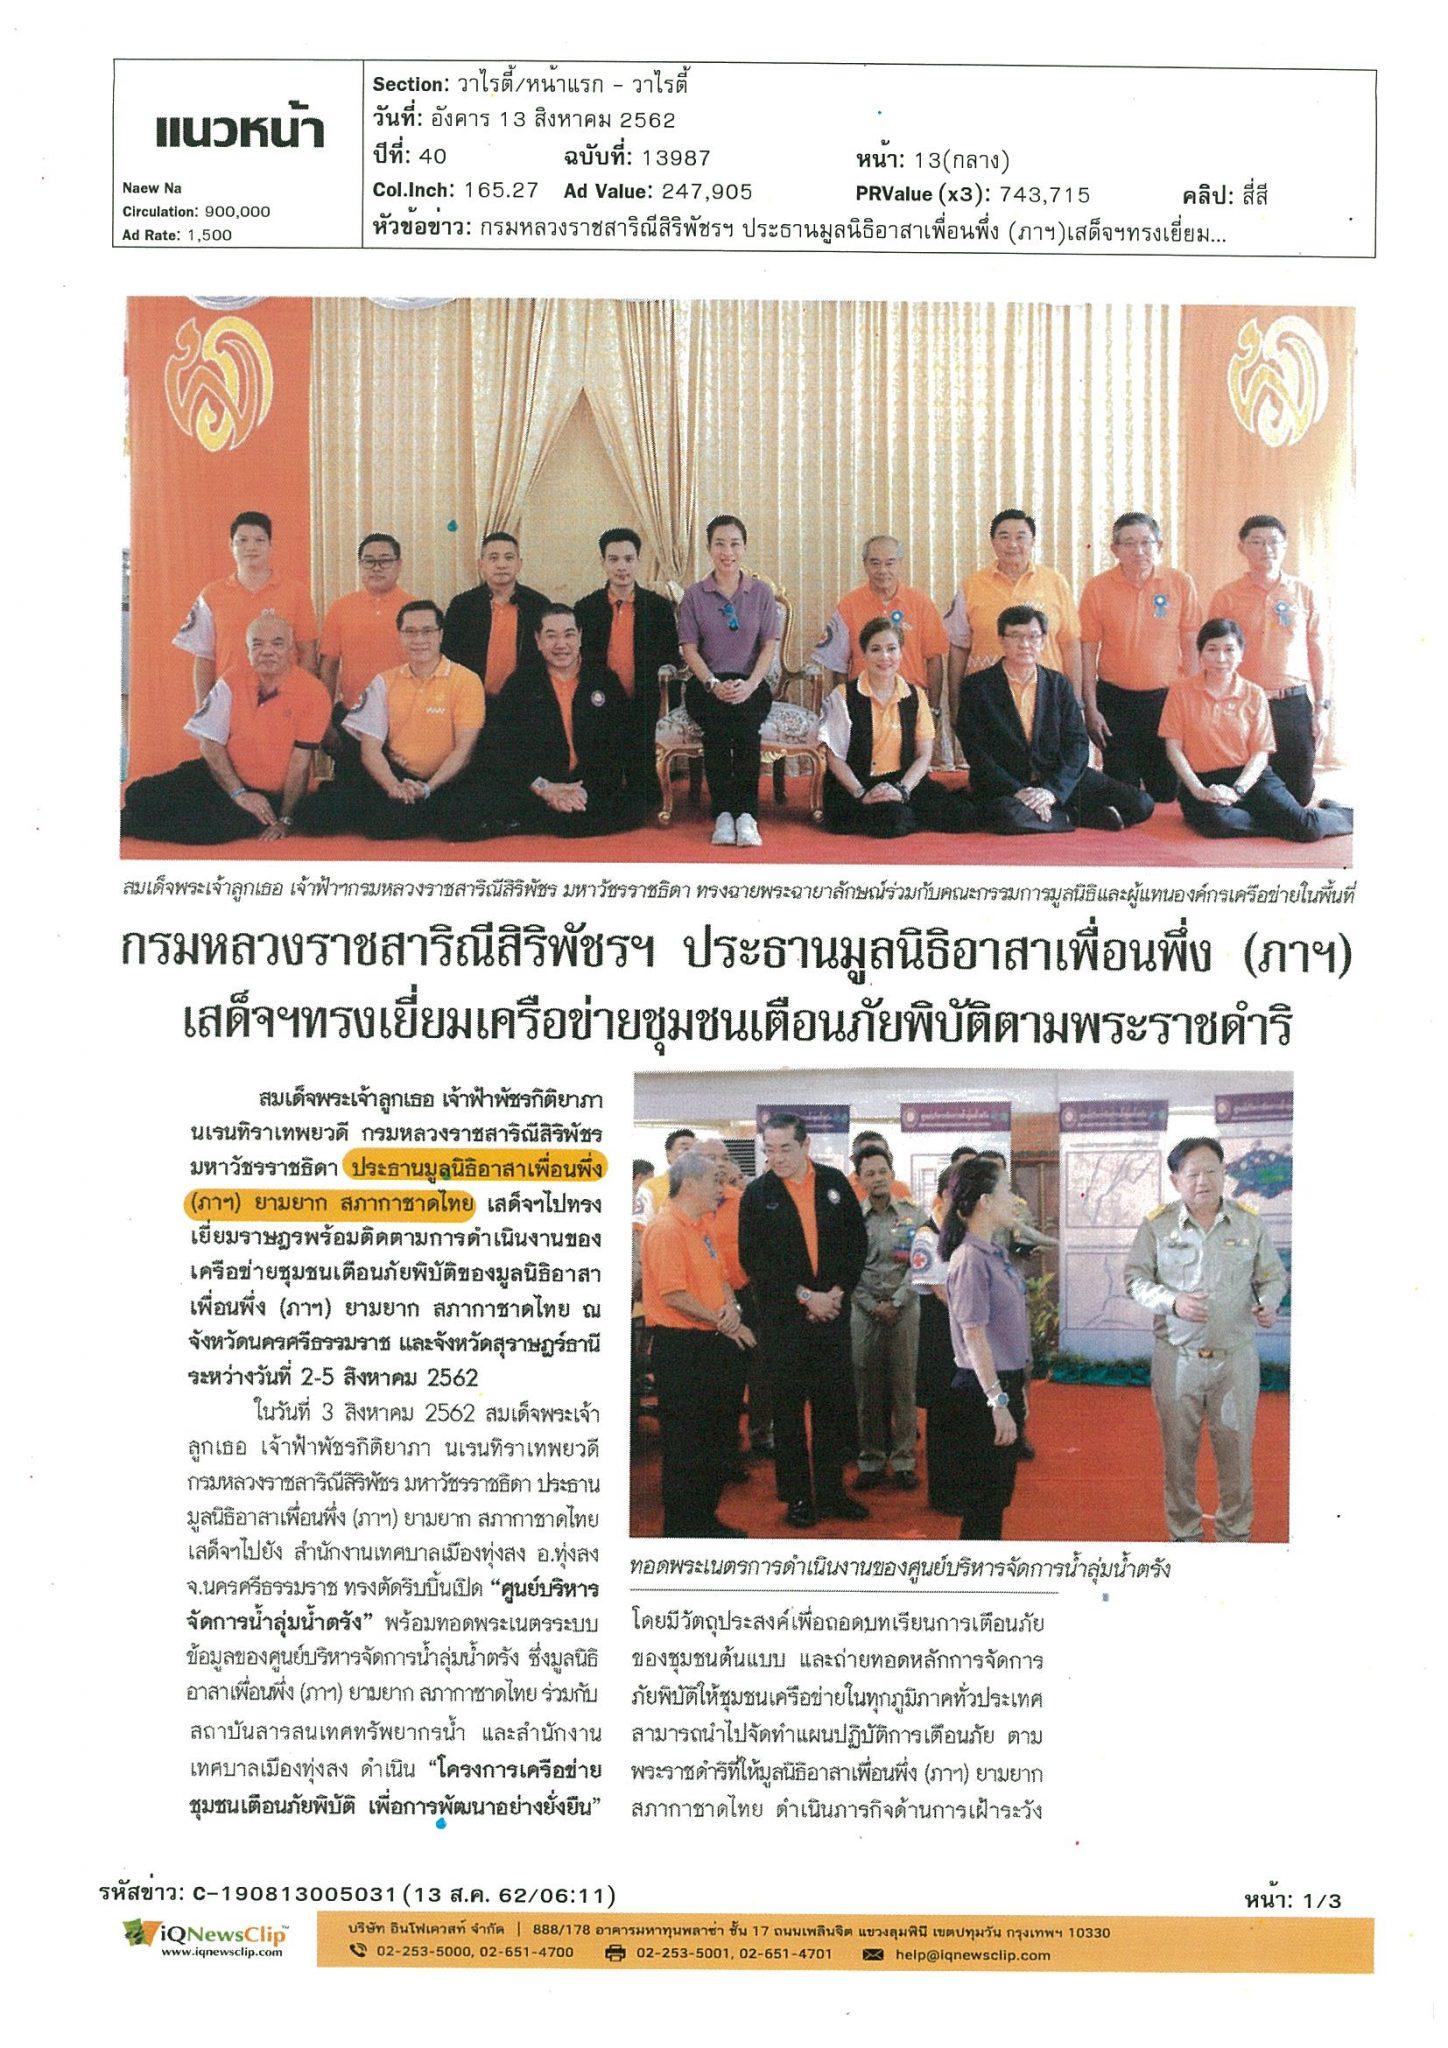 เครือข่ายชุมชนเตือนภัยพิบัติของมูลนิธิอาสาเพื่อนพึ่ง (ภาฯ) ยามยาก สภากาชาดไทย